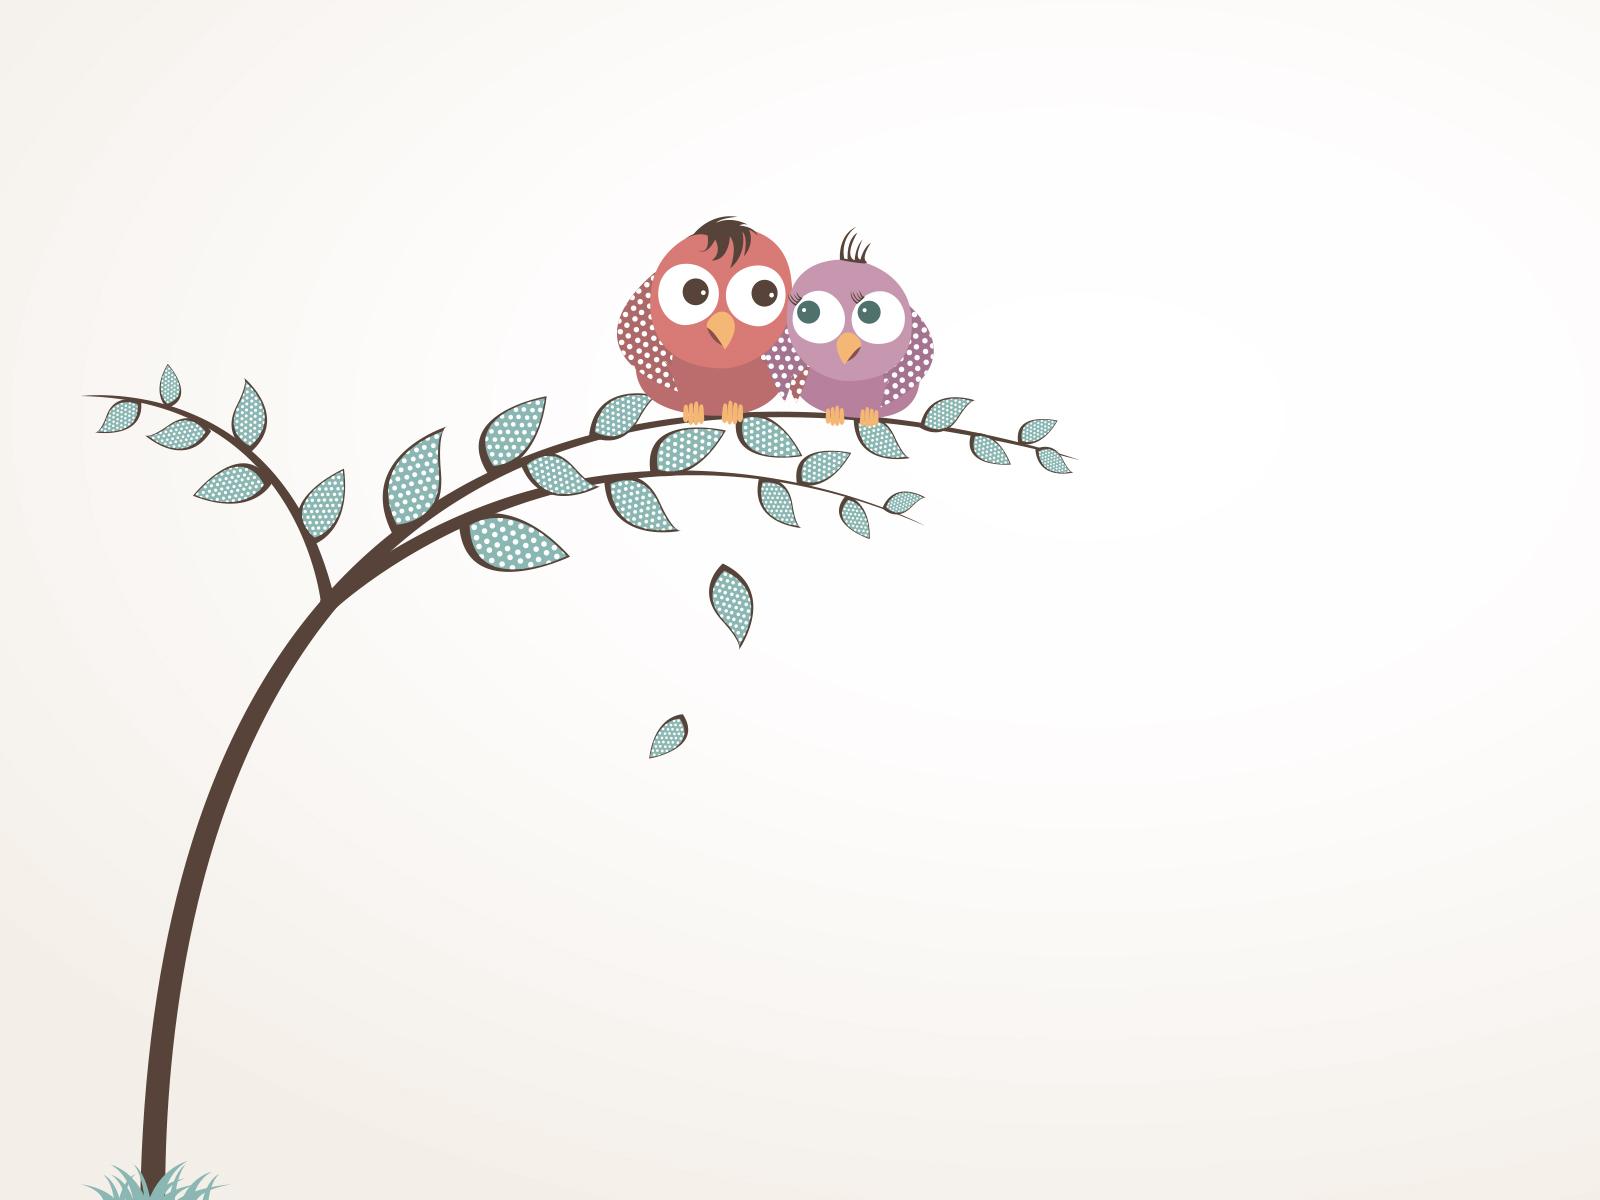 Hình nền PowerPoint hai chú chim dựa vào nhau